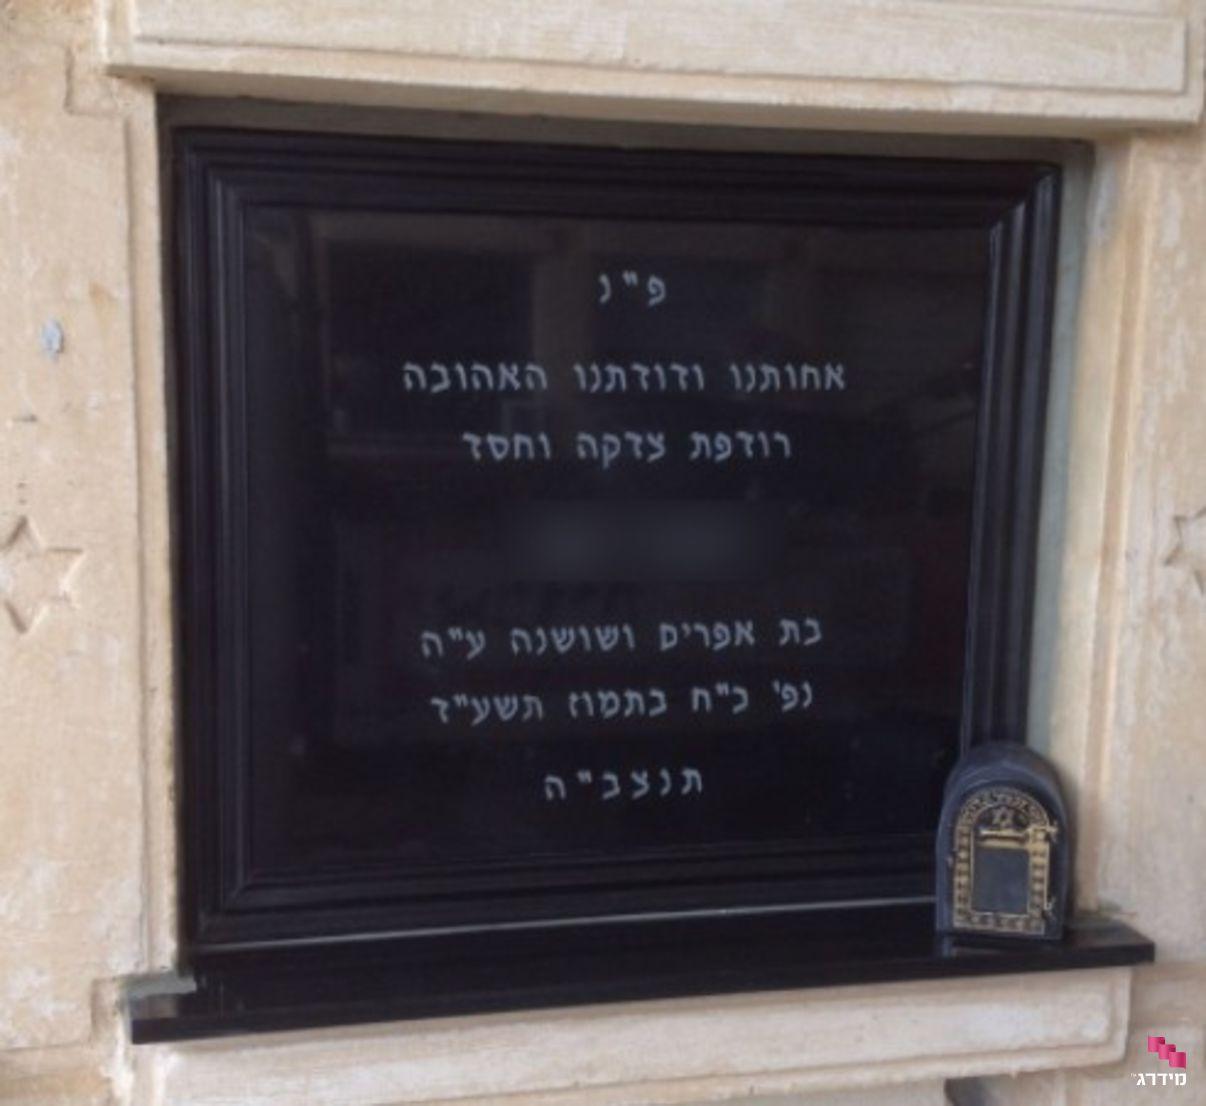 תמונה של מצבה בקיר-סנהדרין מגרניט שחורה